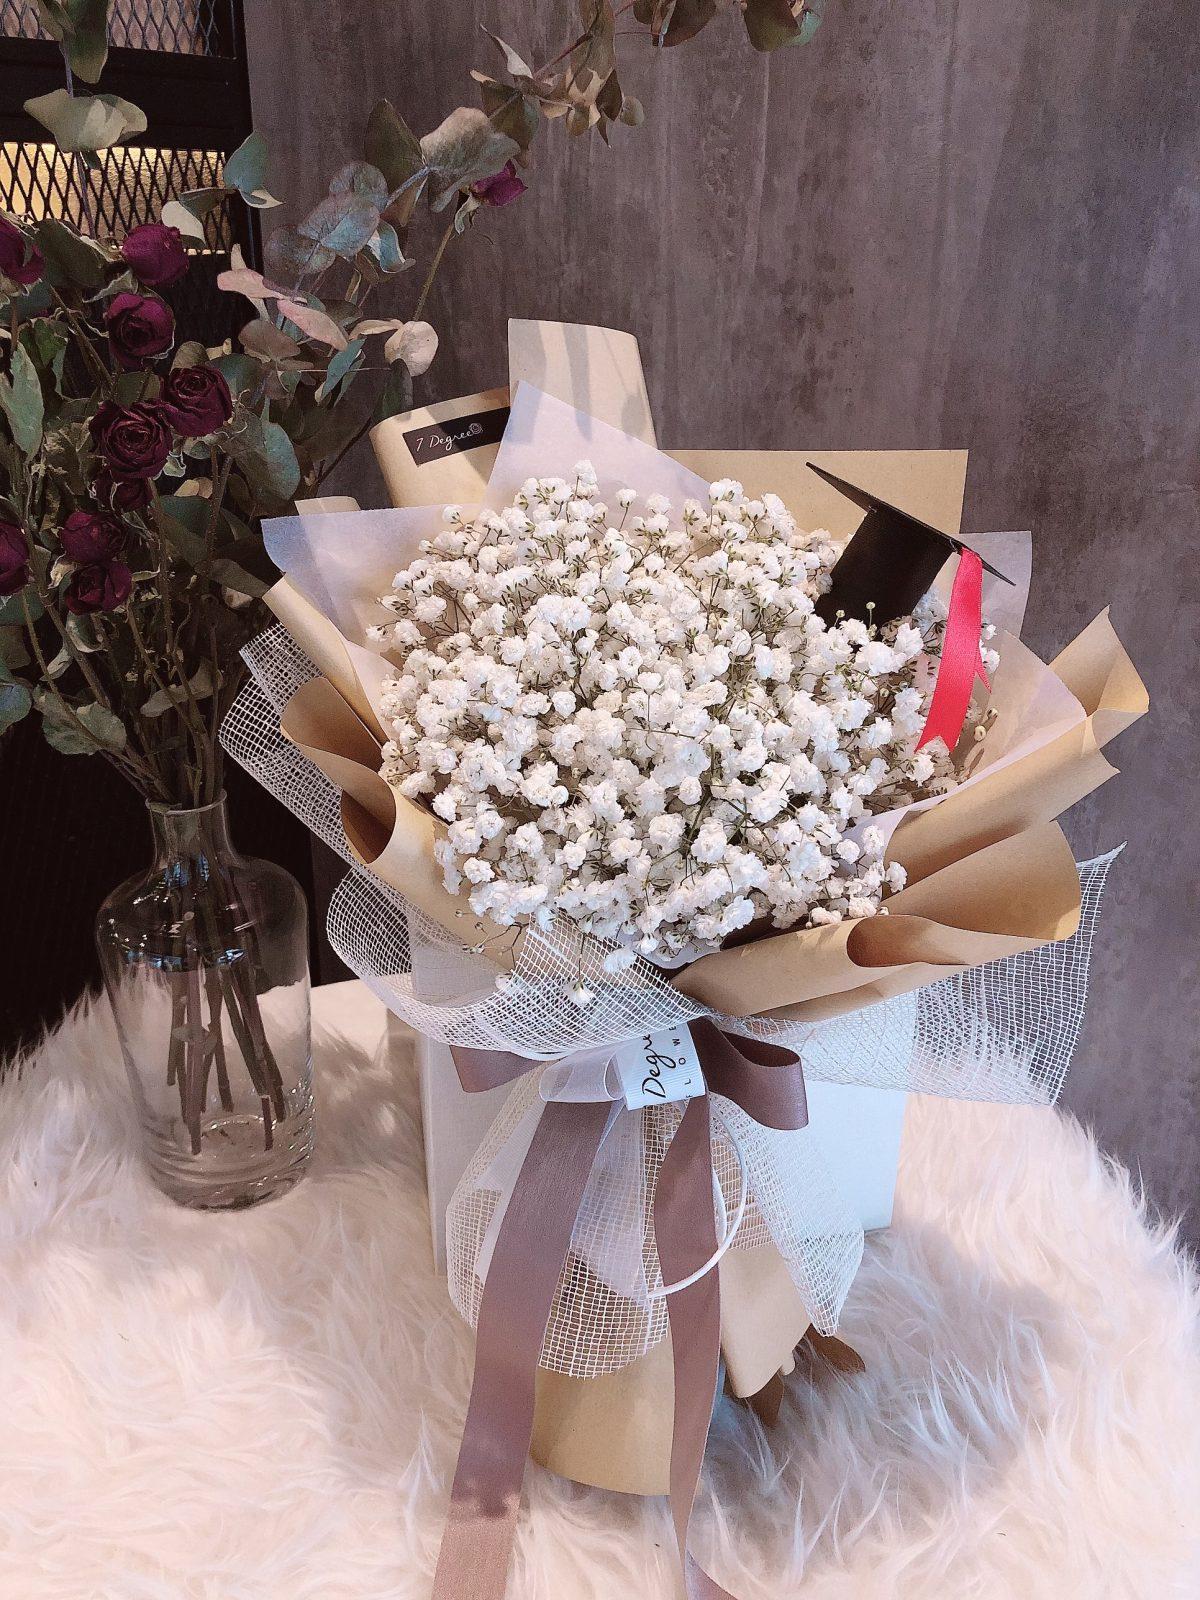 Jika kalian memiliki budget lebih sepertinya buket bunga wisuda unik akan sangat mempesona.